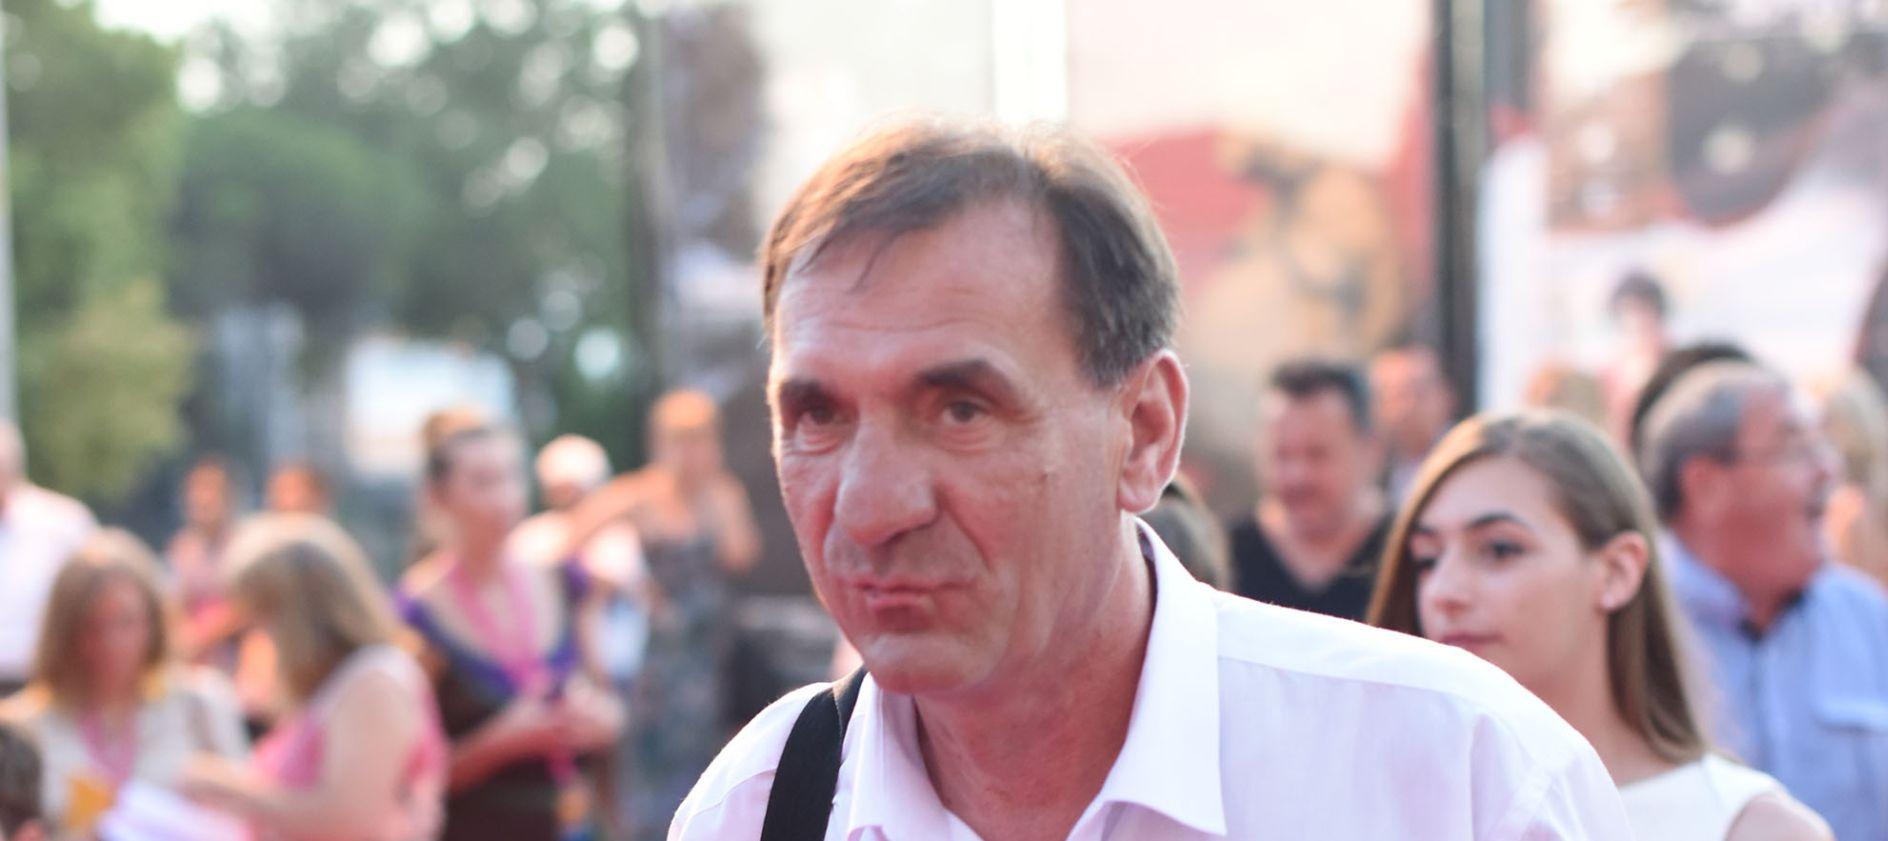 SABOR O 'ŠVICARCU' Stazić o šefu HDZ-a: Karamarko je agent banaka